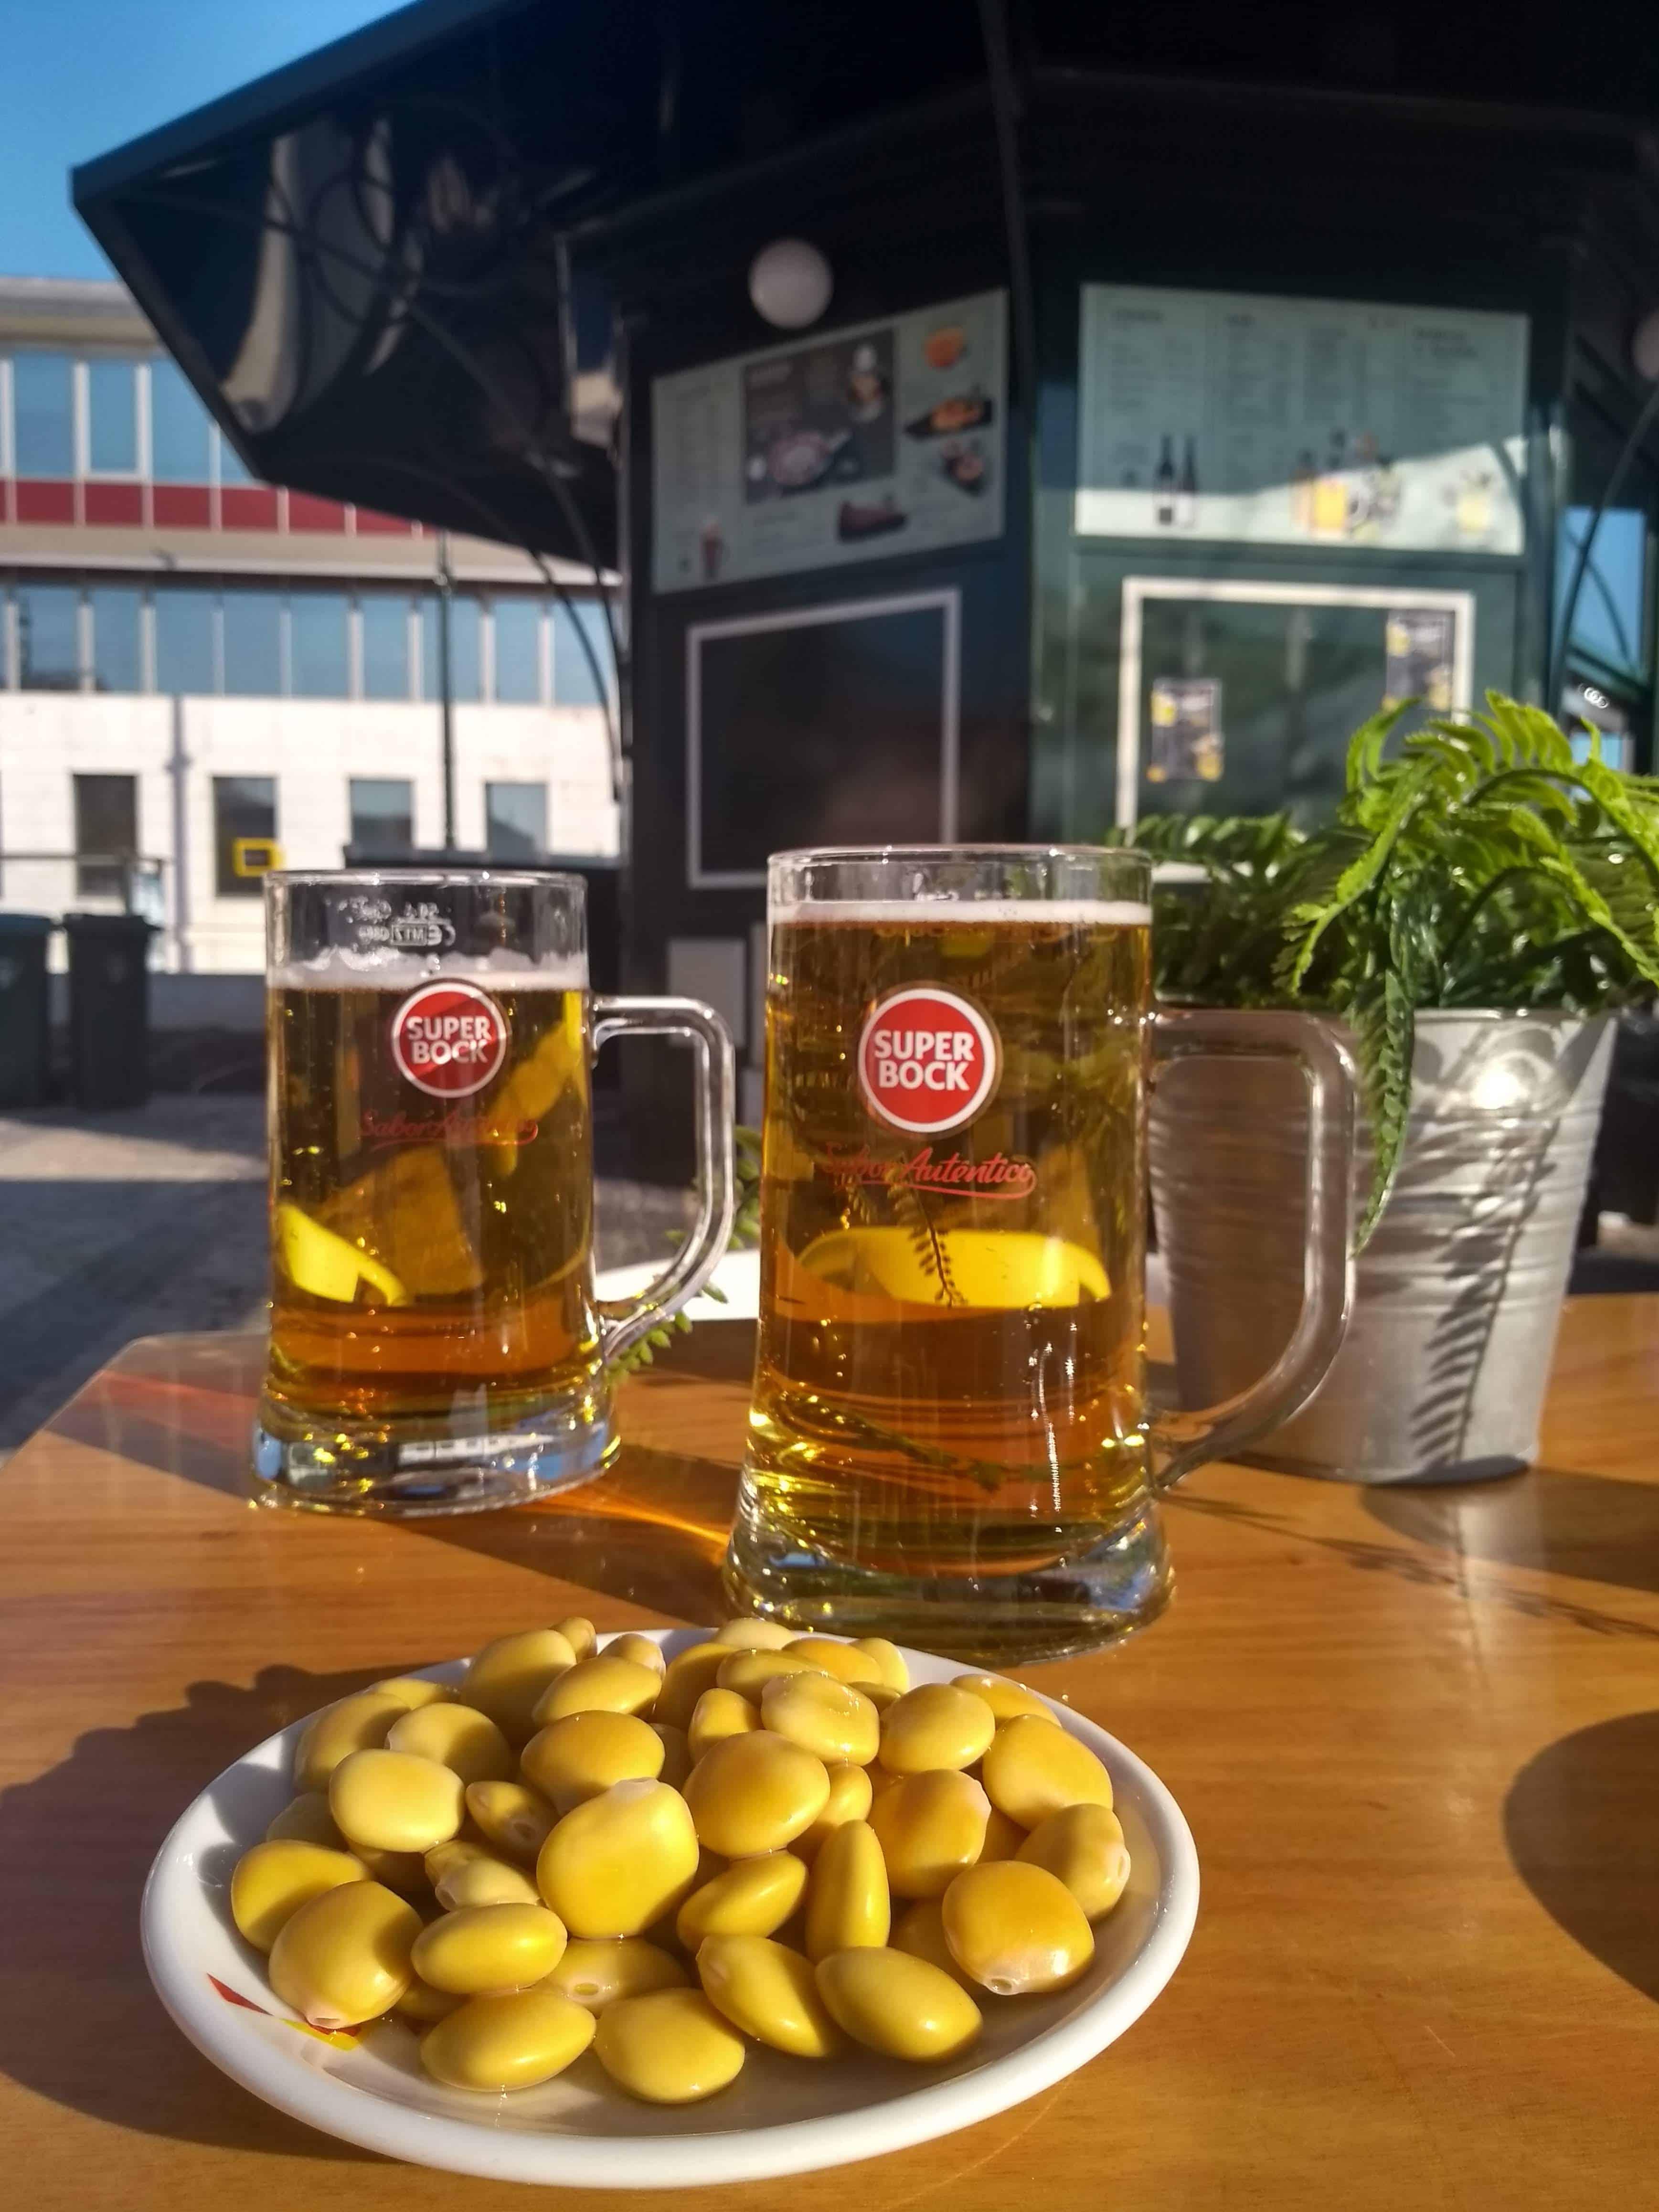 Porção de tremoços acompanhada de dois copos de cerveja da marca Super Bock